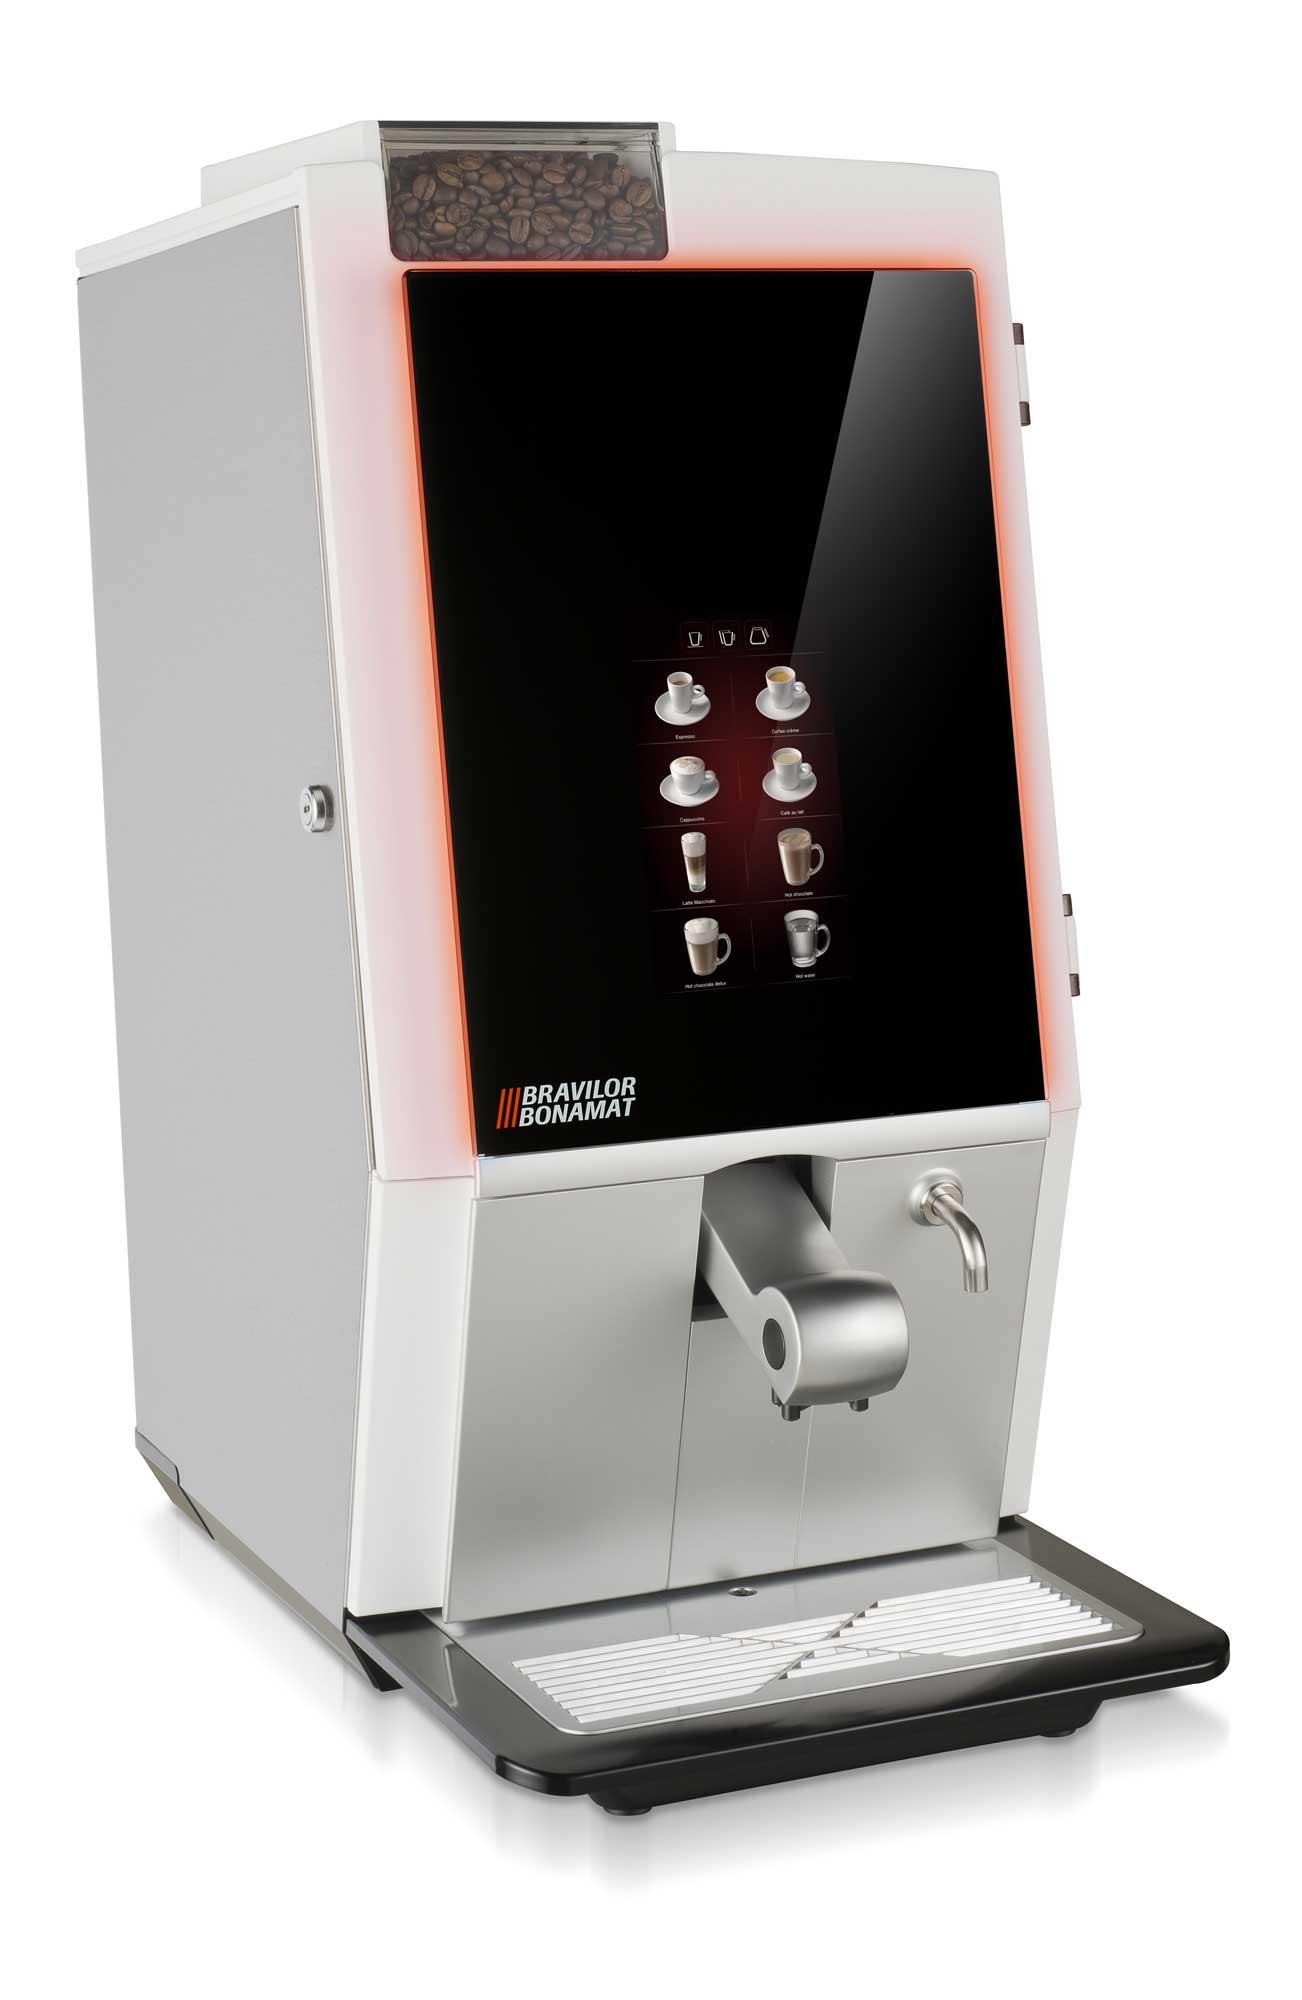 Bravilor Bonamat Esprecious 22 Spezialitäten - Kaffeevollautomat